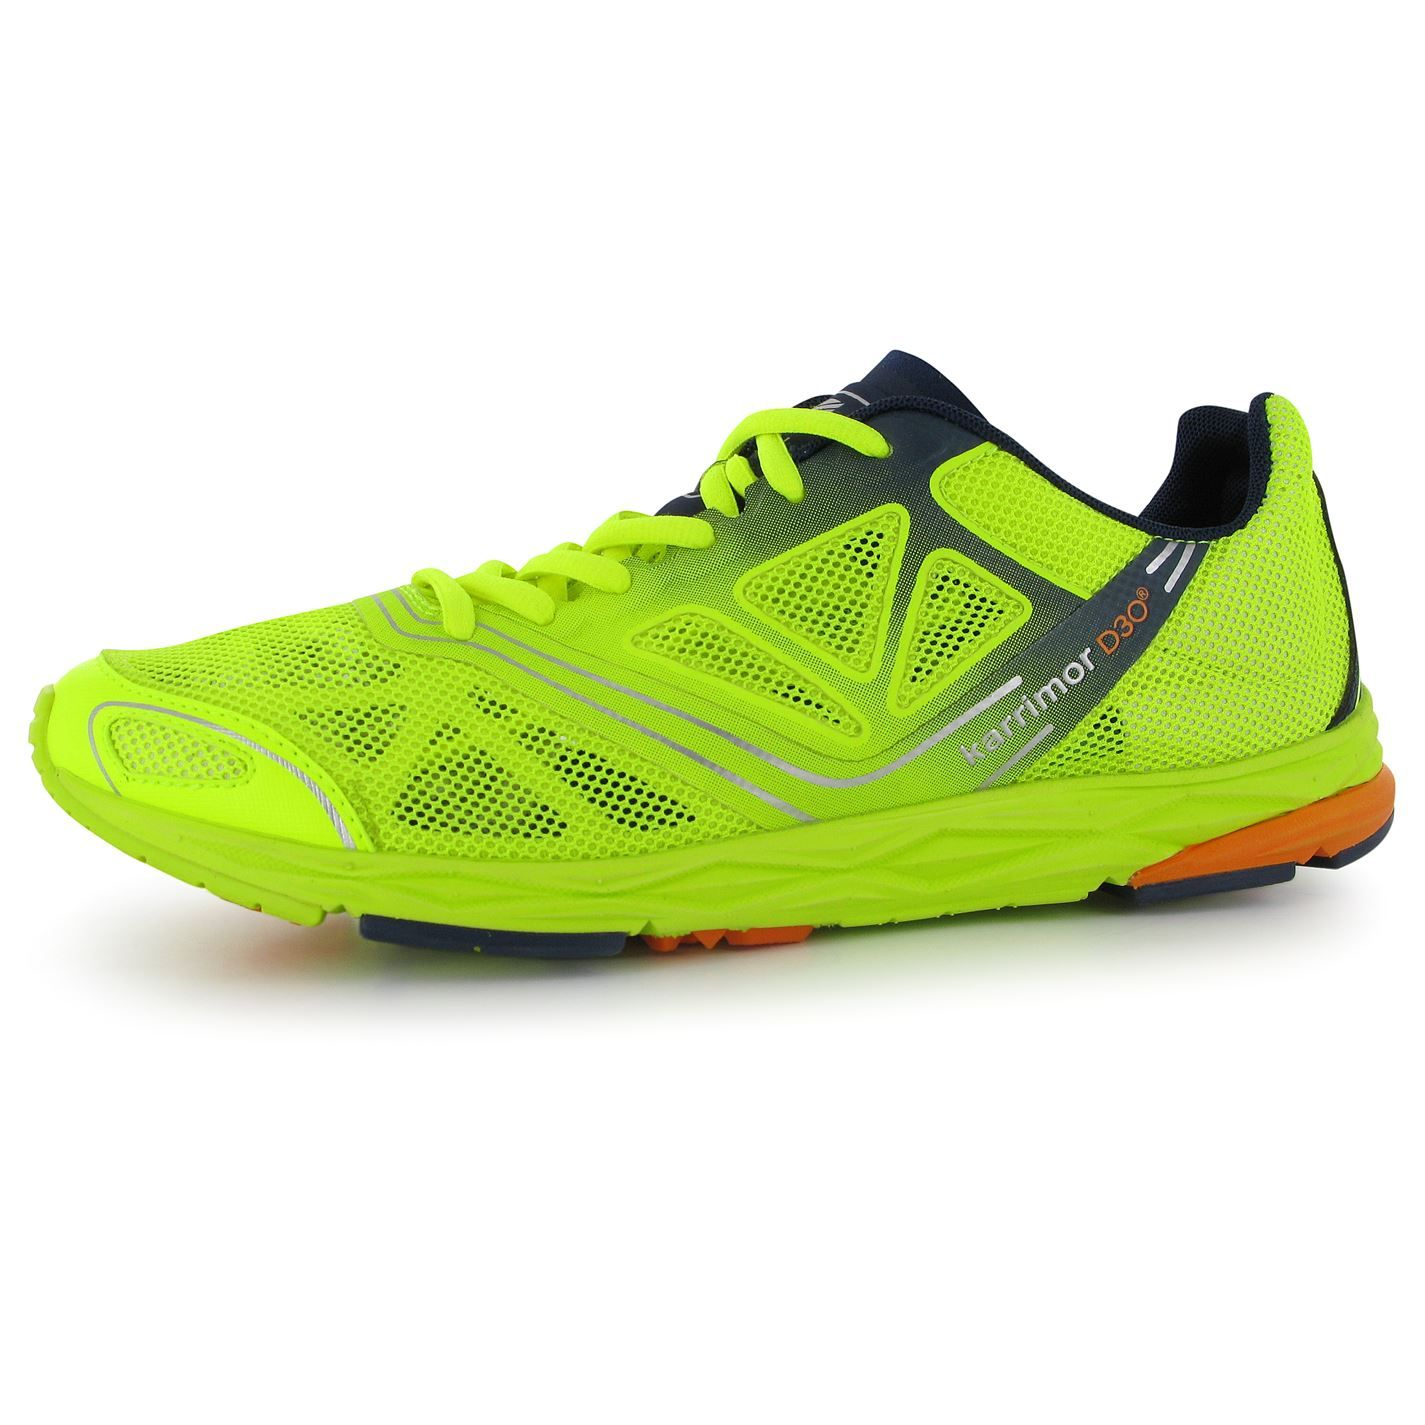 Nike Chaussures De Course Pour Pieds Plats 2013 Ram pas cher 2015 vente pré commande jeu geniue stockiste 2014 unisexe très en ligne eT9FP4j